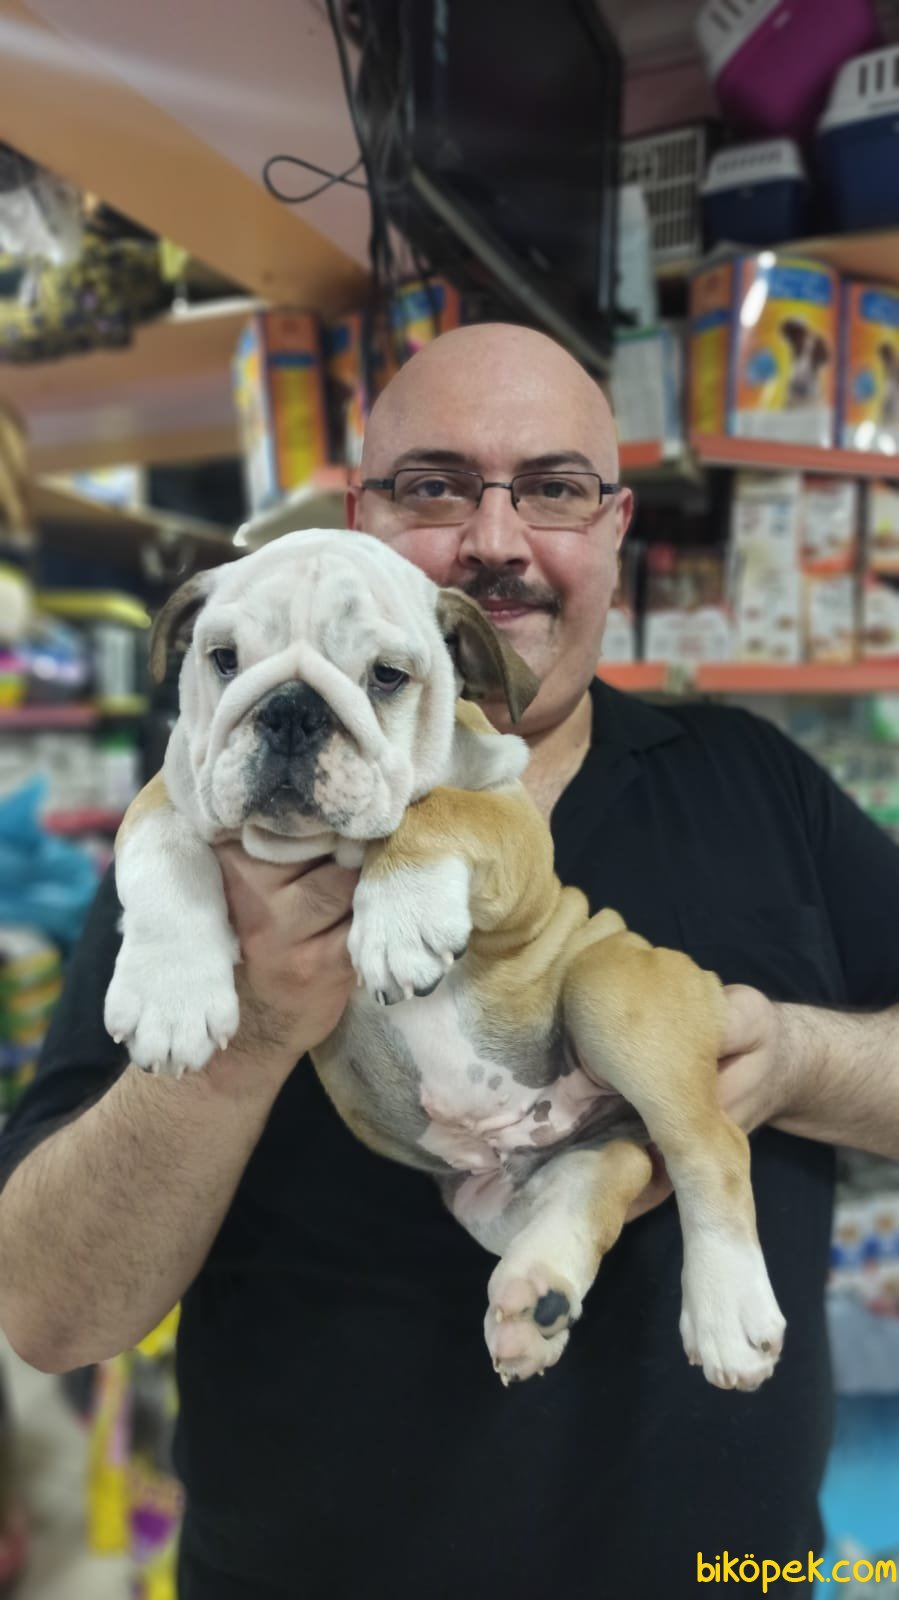 İngiliz Bulldog Yavruları Üst Segment Irkı Bilenler Takdir Edecek 1